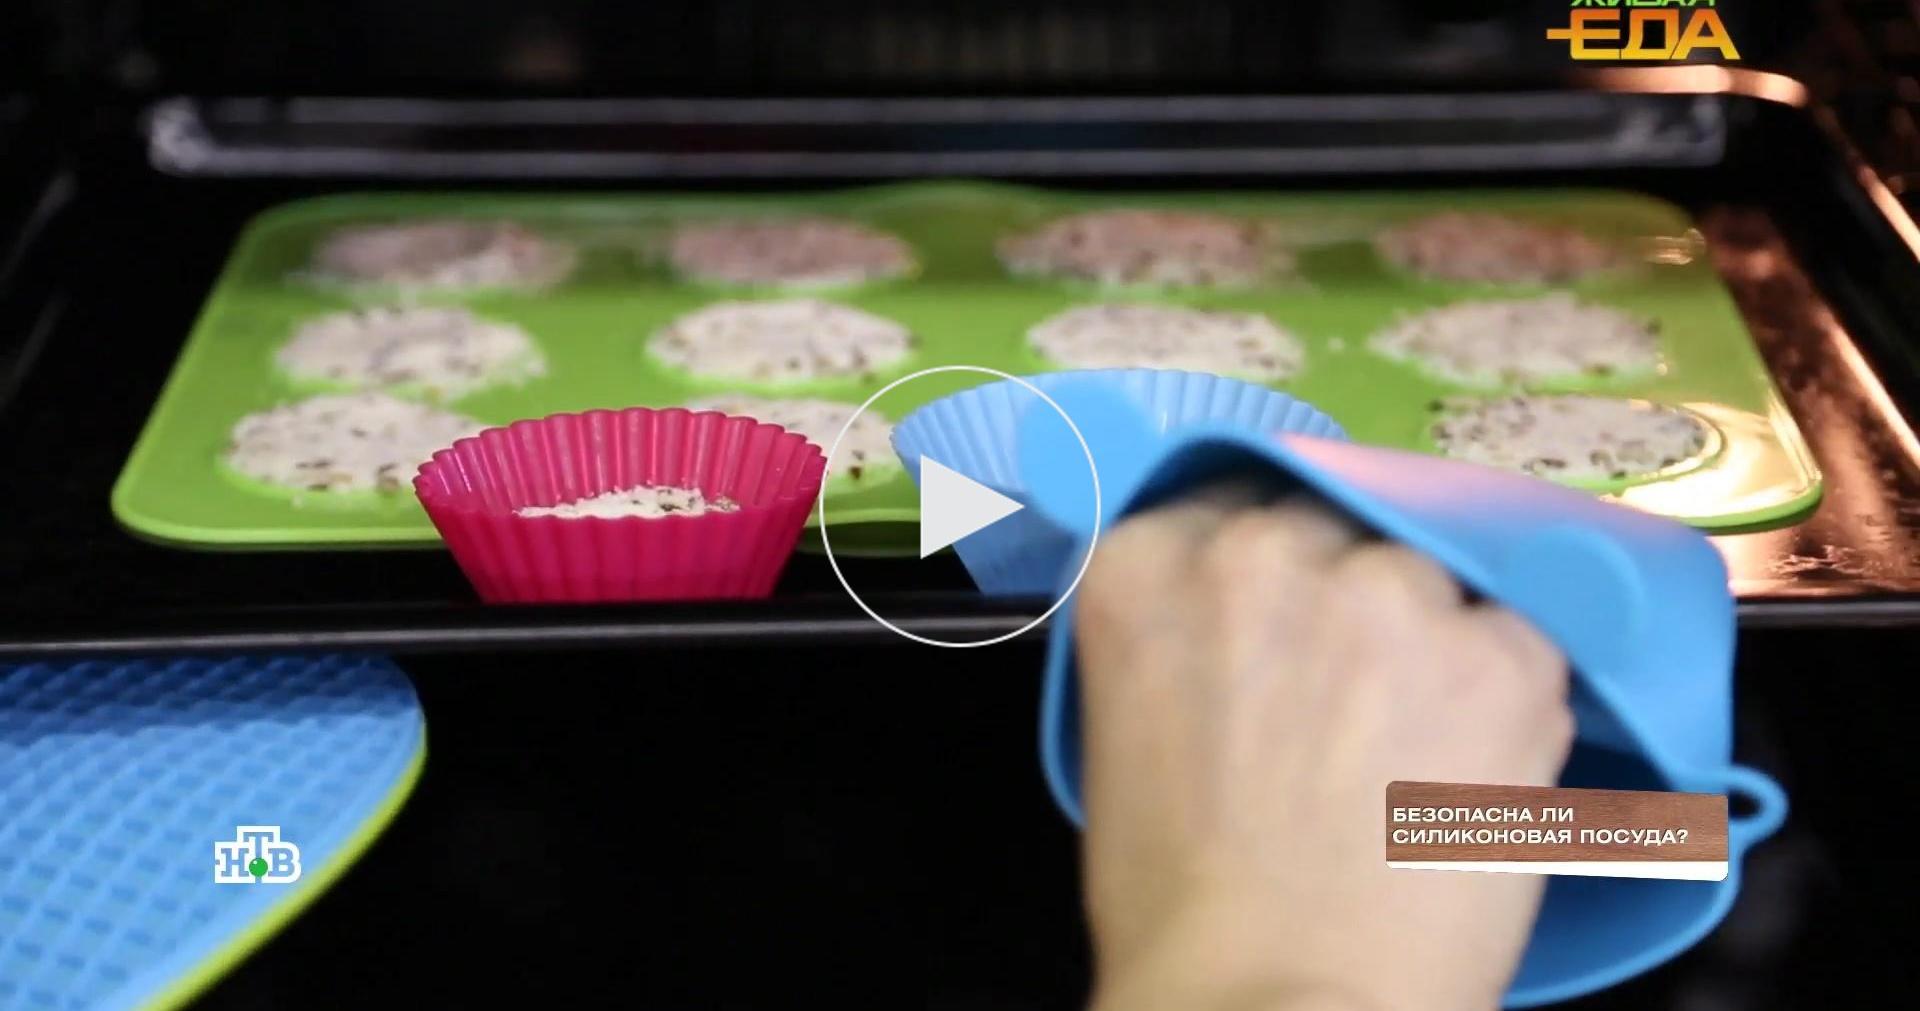 Безопаснали силиконовая посуда?